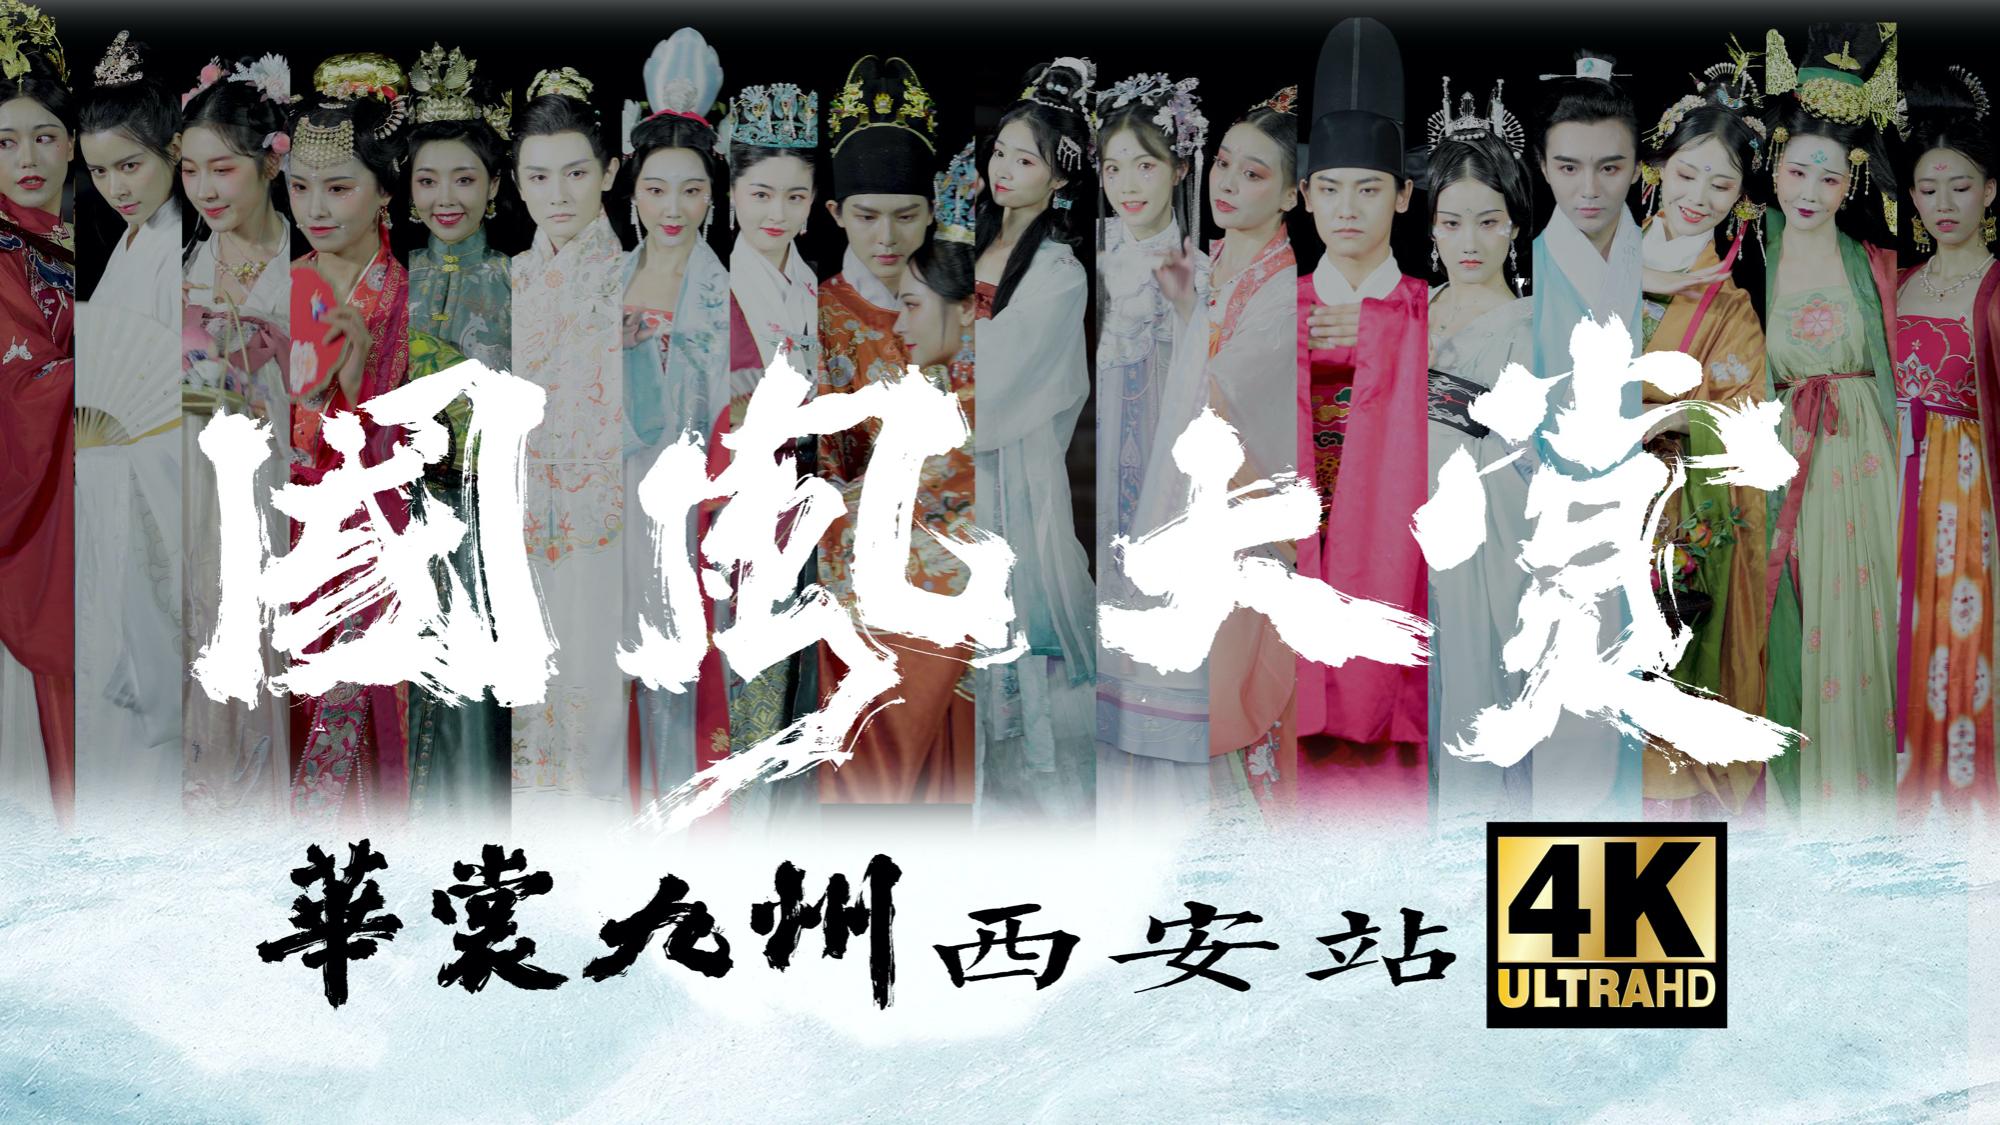 【4K】汉服走秀?明明是栩栩如生的中国画!20分钟看完2020国风大赏西安站